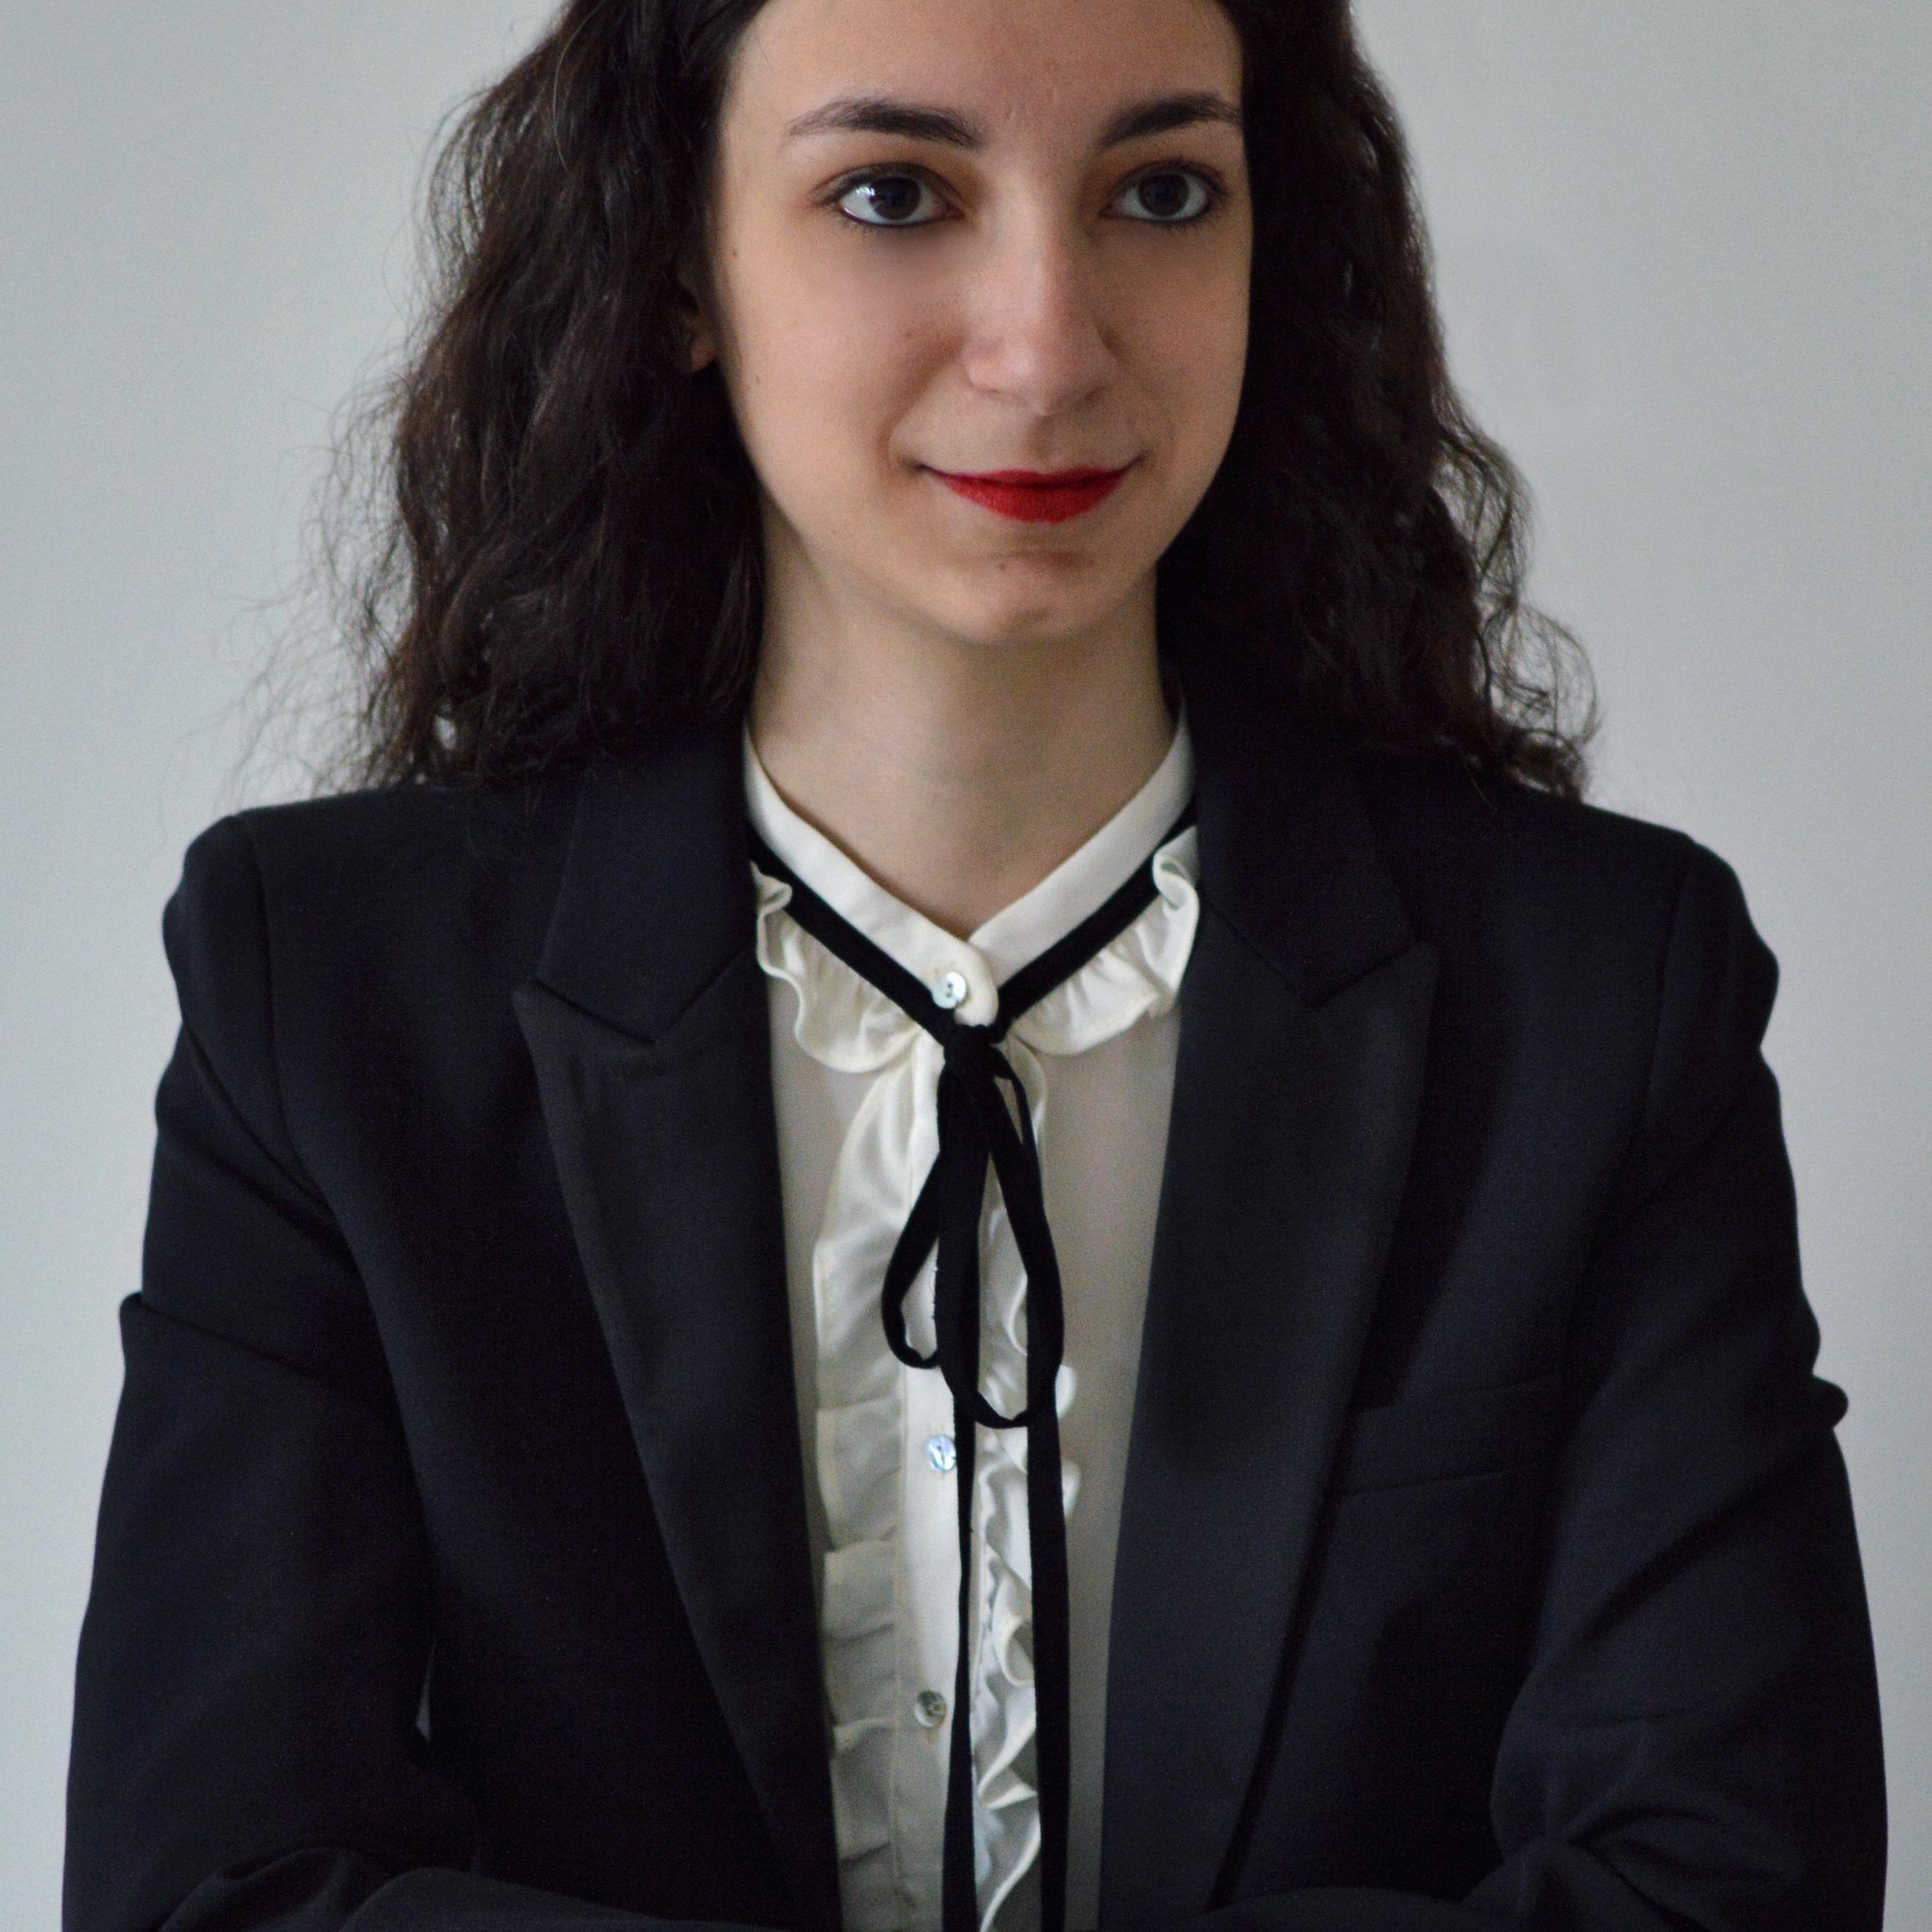 Valeria Mancini